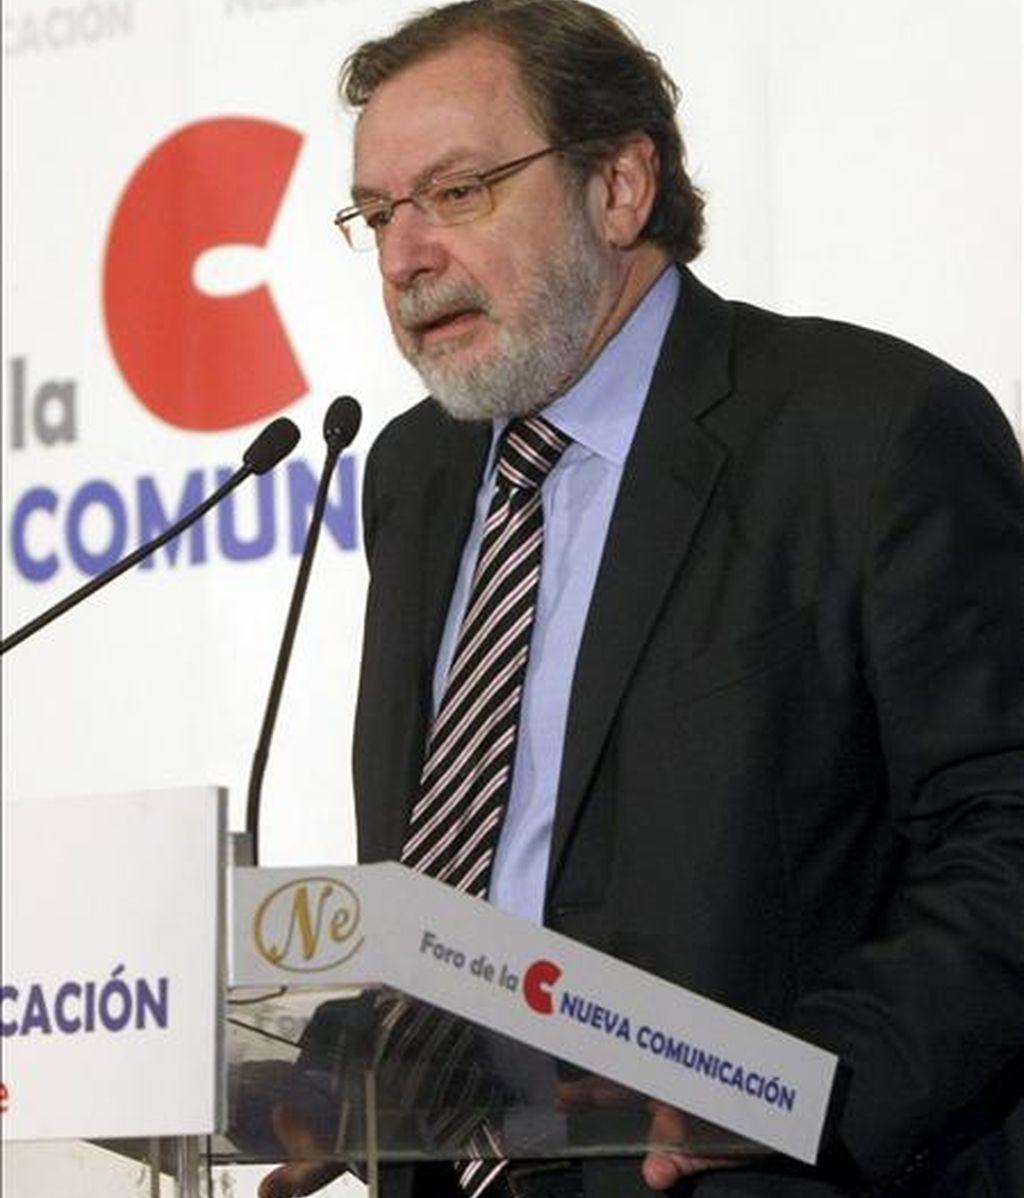 El consejero delegado del Grupo Prisa, Juan Luis Cebrián. EFE/Archivo